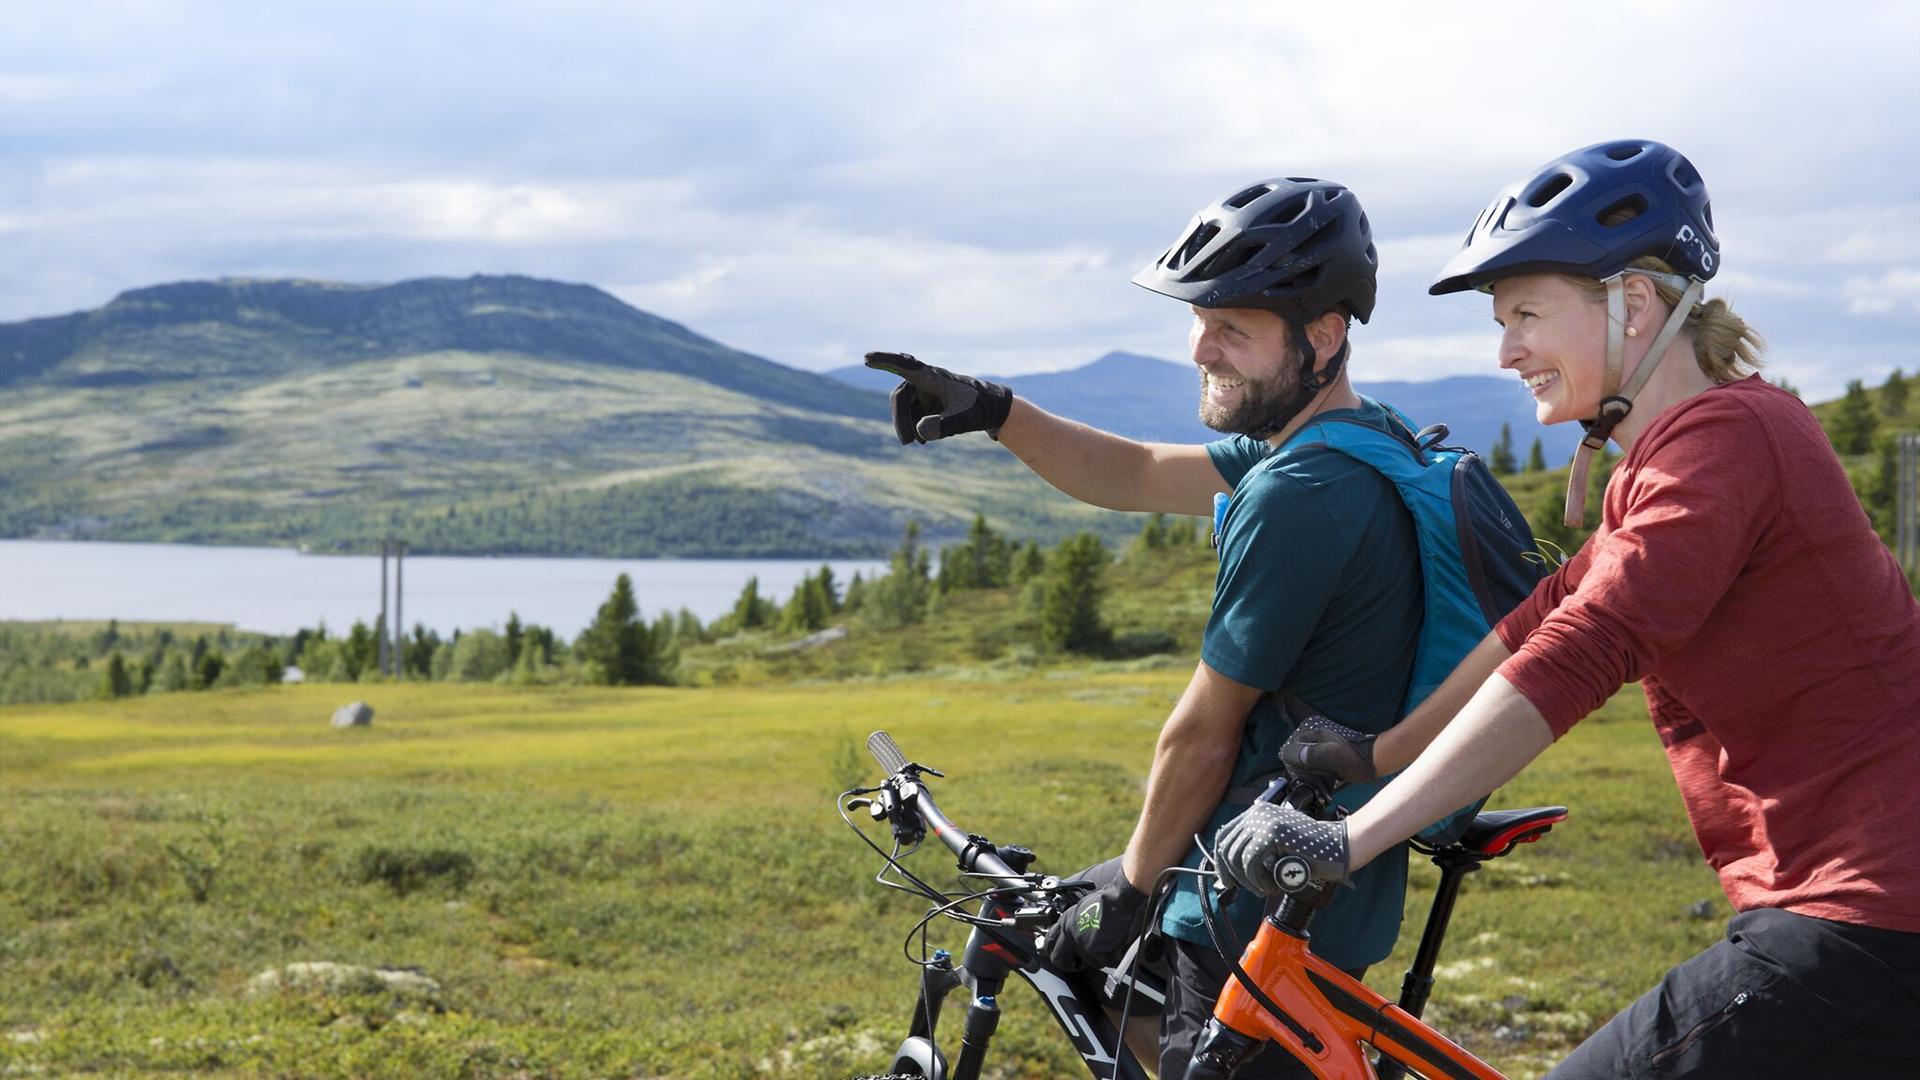 Zwei Mountainbiker genießen den Blick über einen Bergsee.